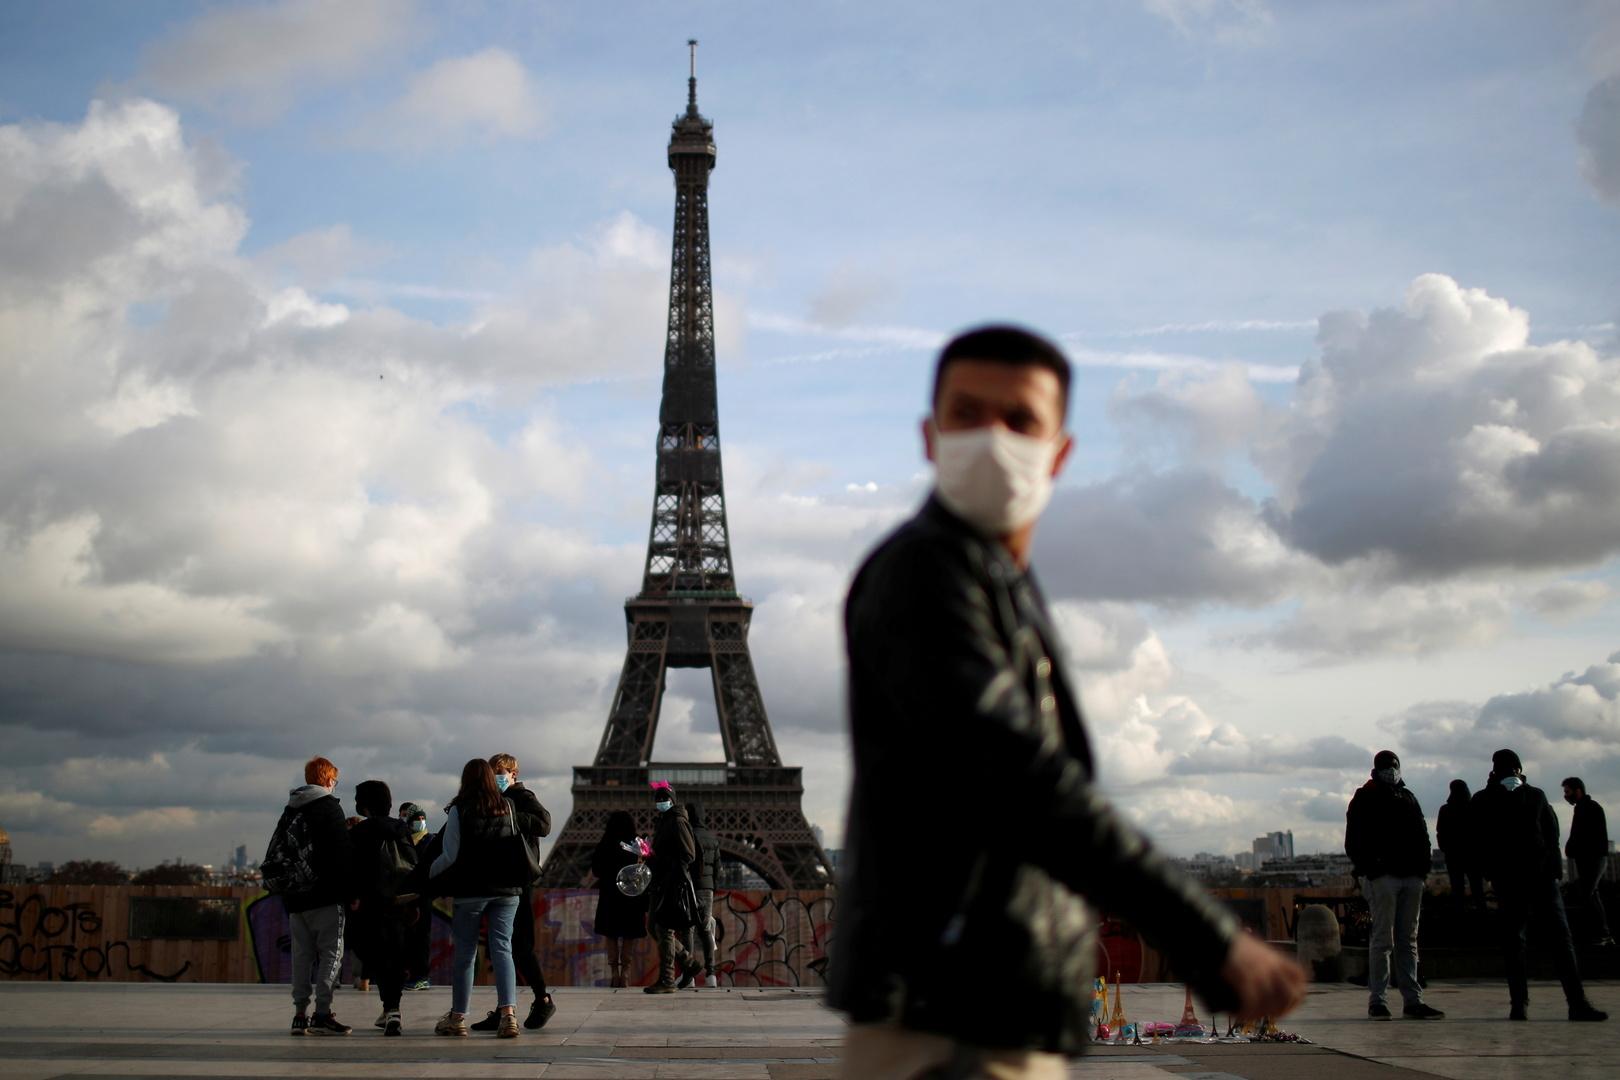 فرنسا.. ارتفاع غير مسبوق في عدد الإصابات اليومية بكورونا